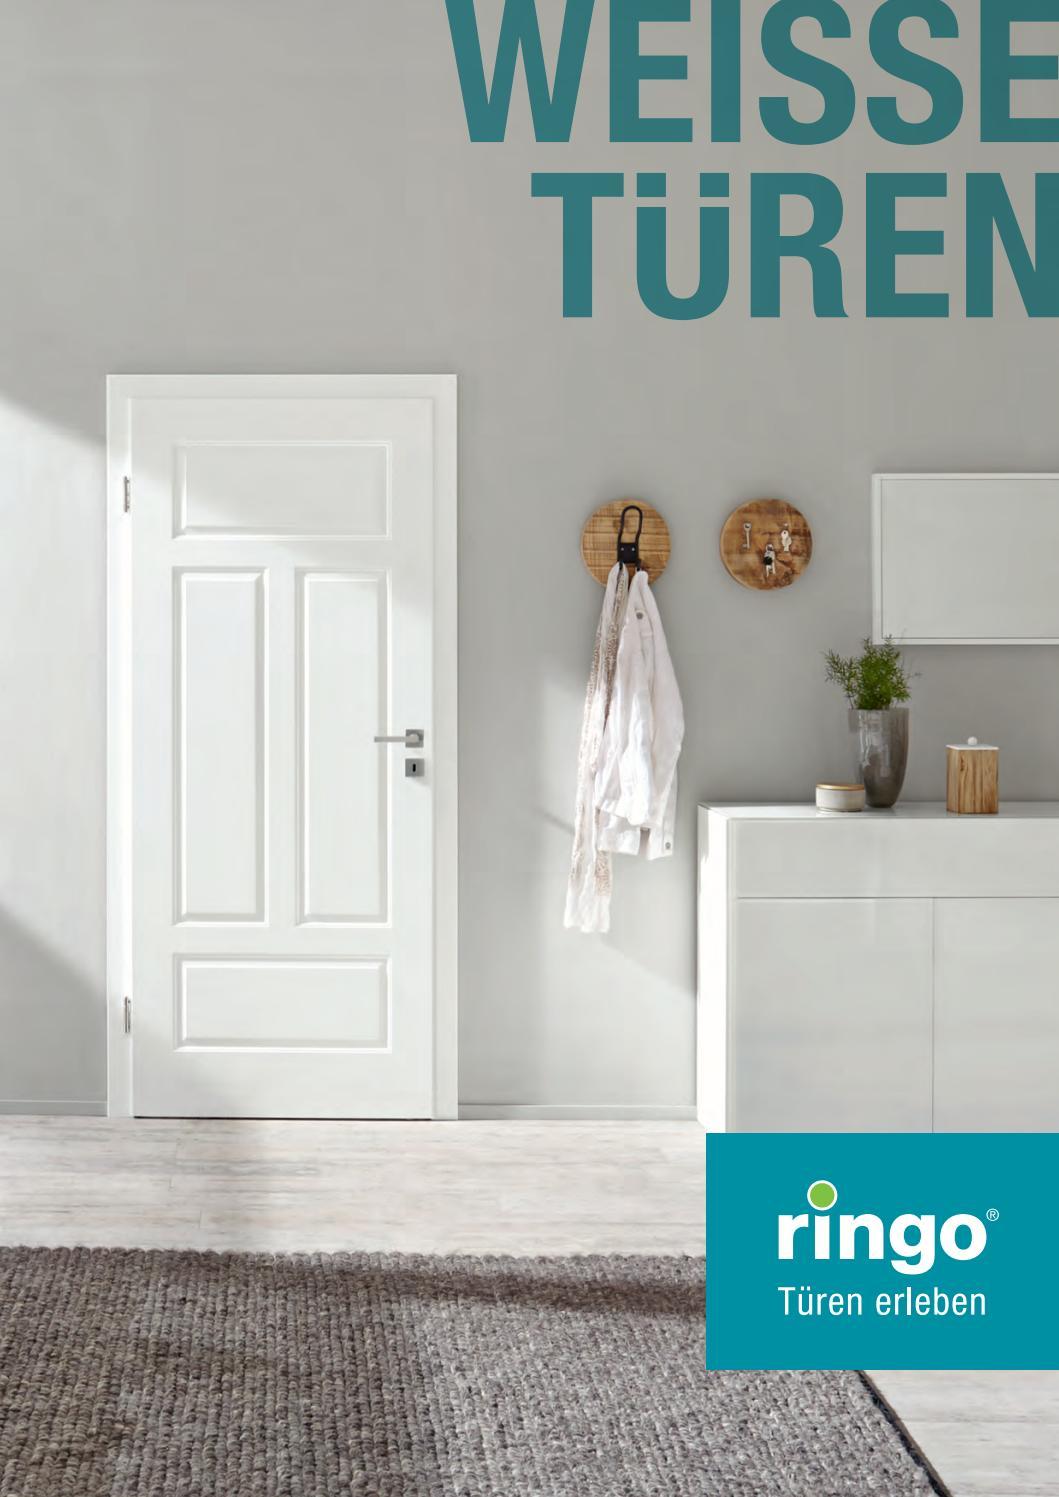 ringo weissetueren by kaiser design issuu. Black Bedroom Furniture Sets. Home Design Ideas